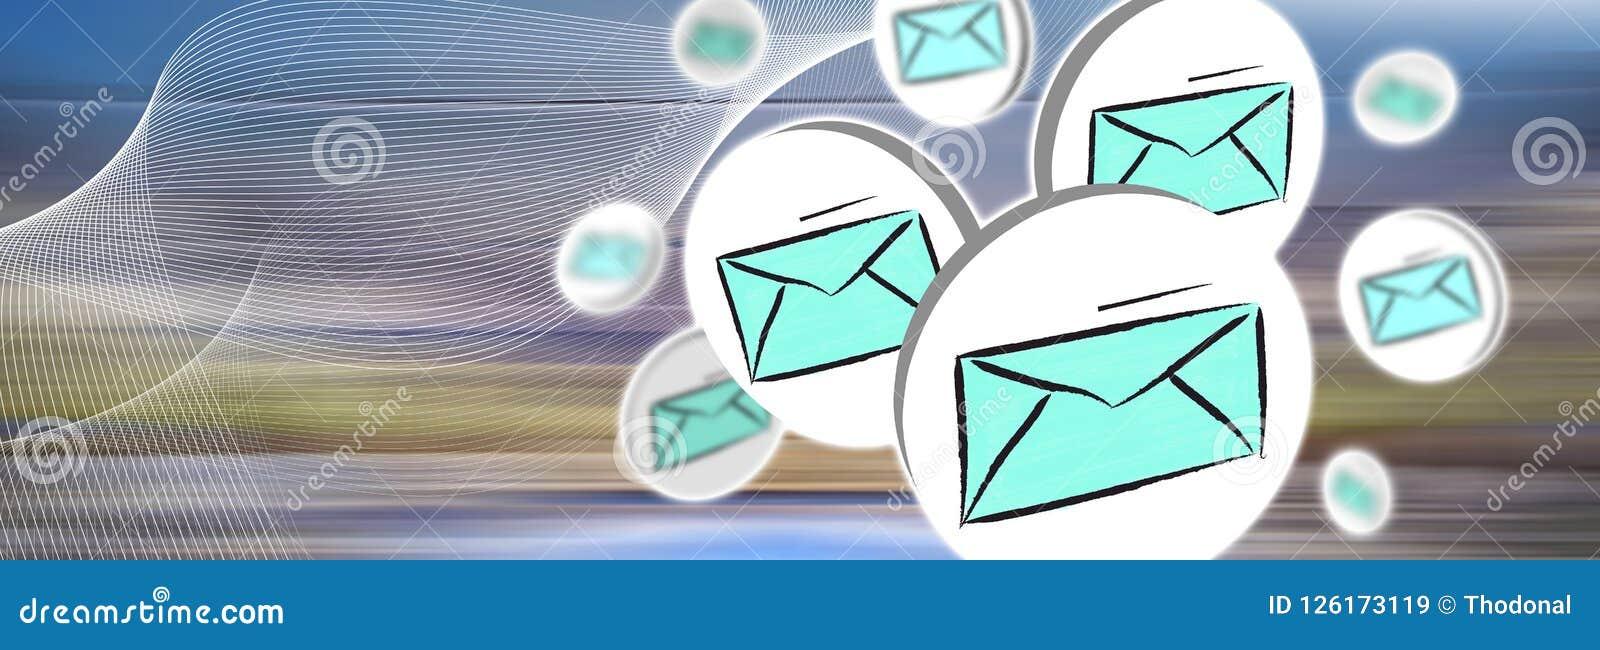 Concept E-mail